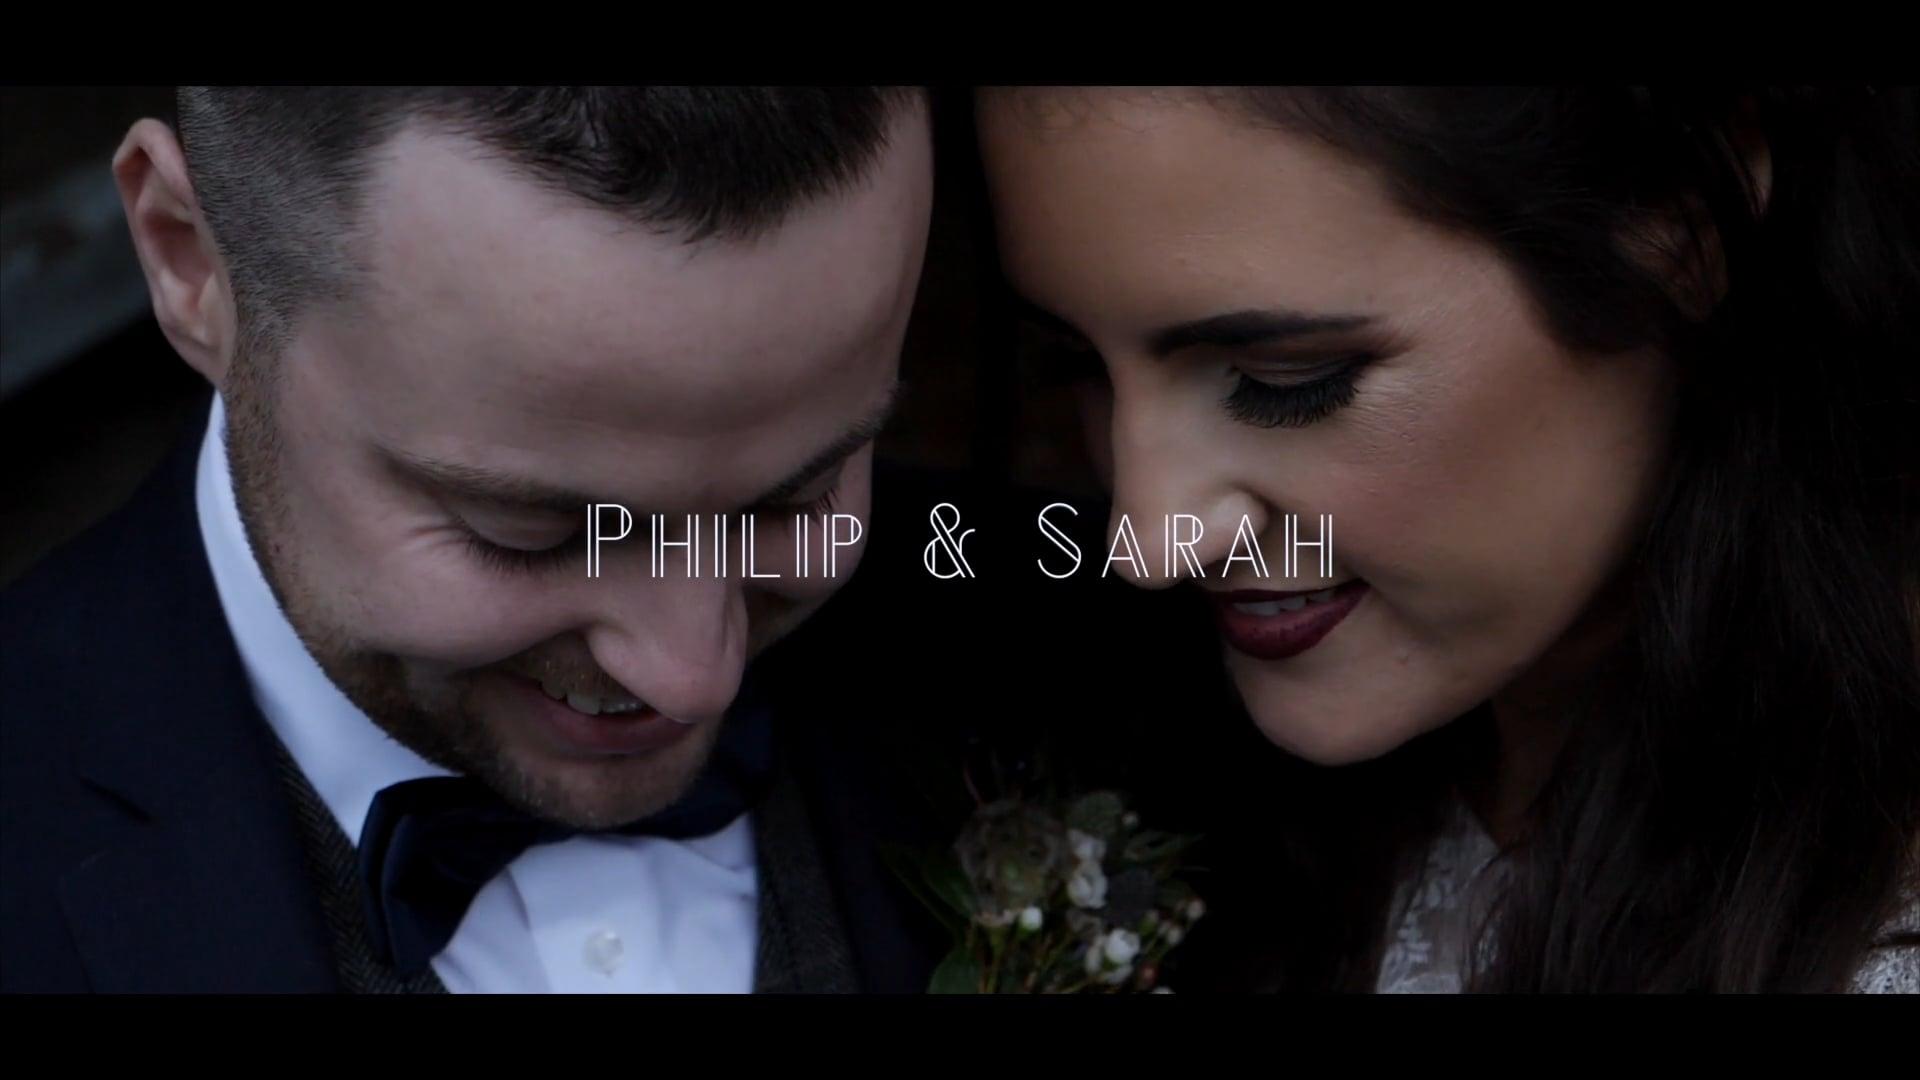 Philip & Sarah